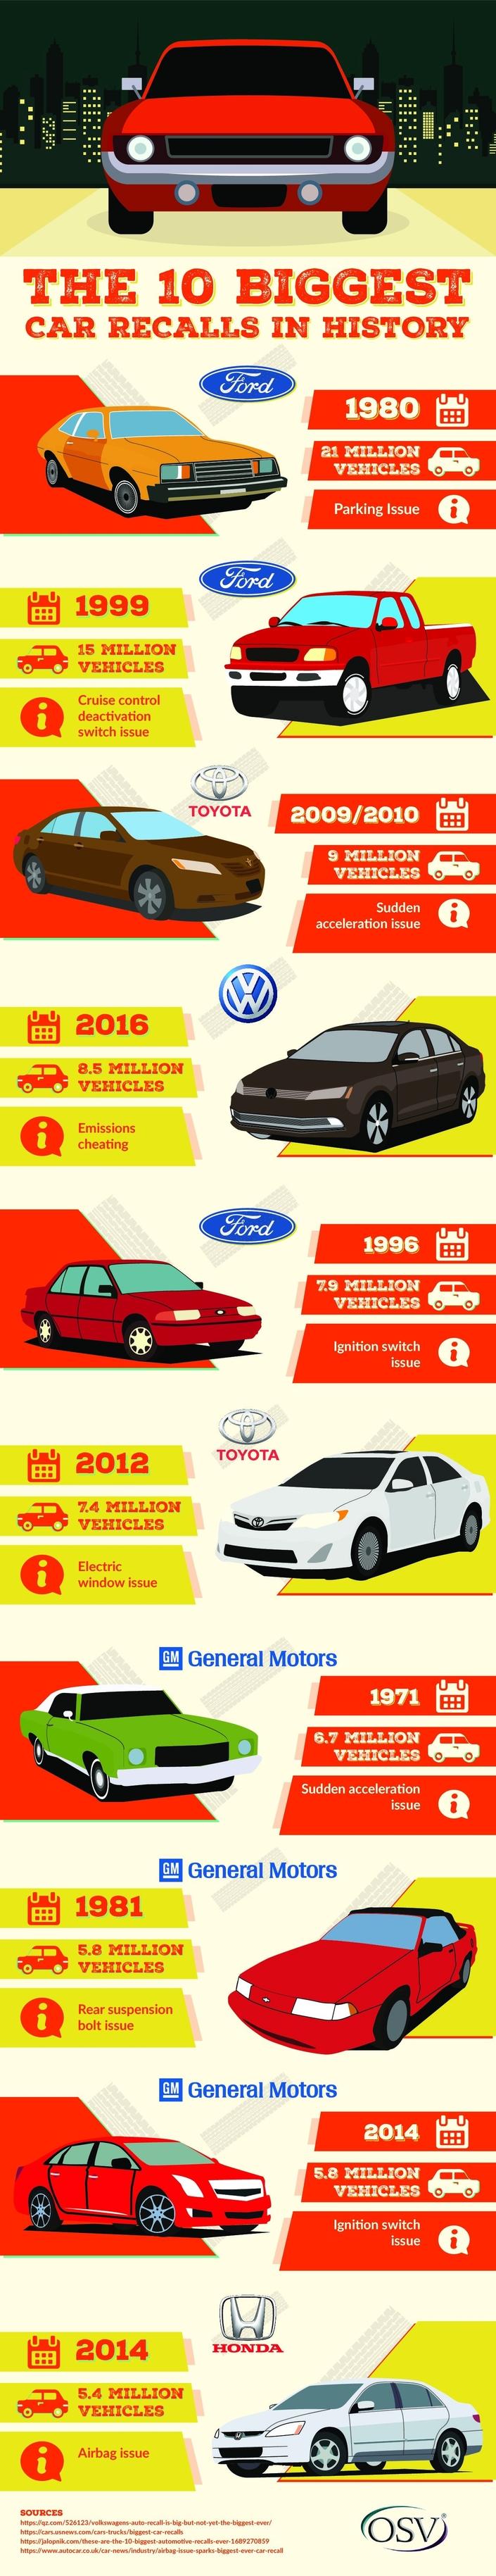 Les 10 plus gros rappels de l'histoire automobile : vous allez être surpris